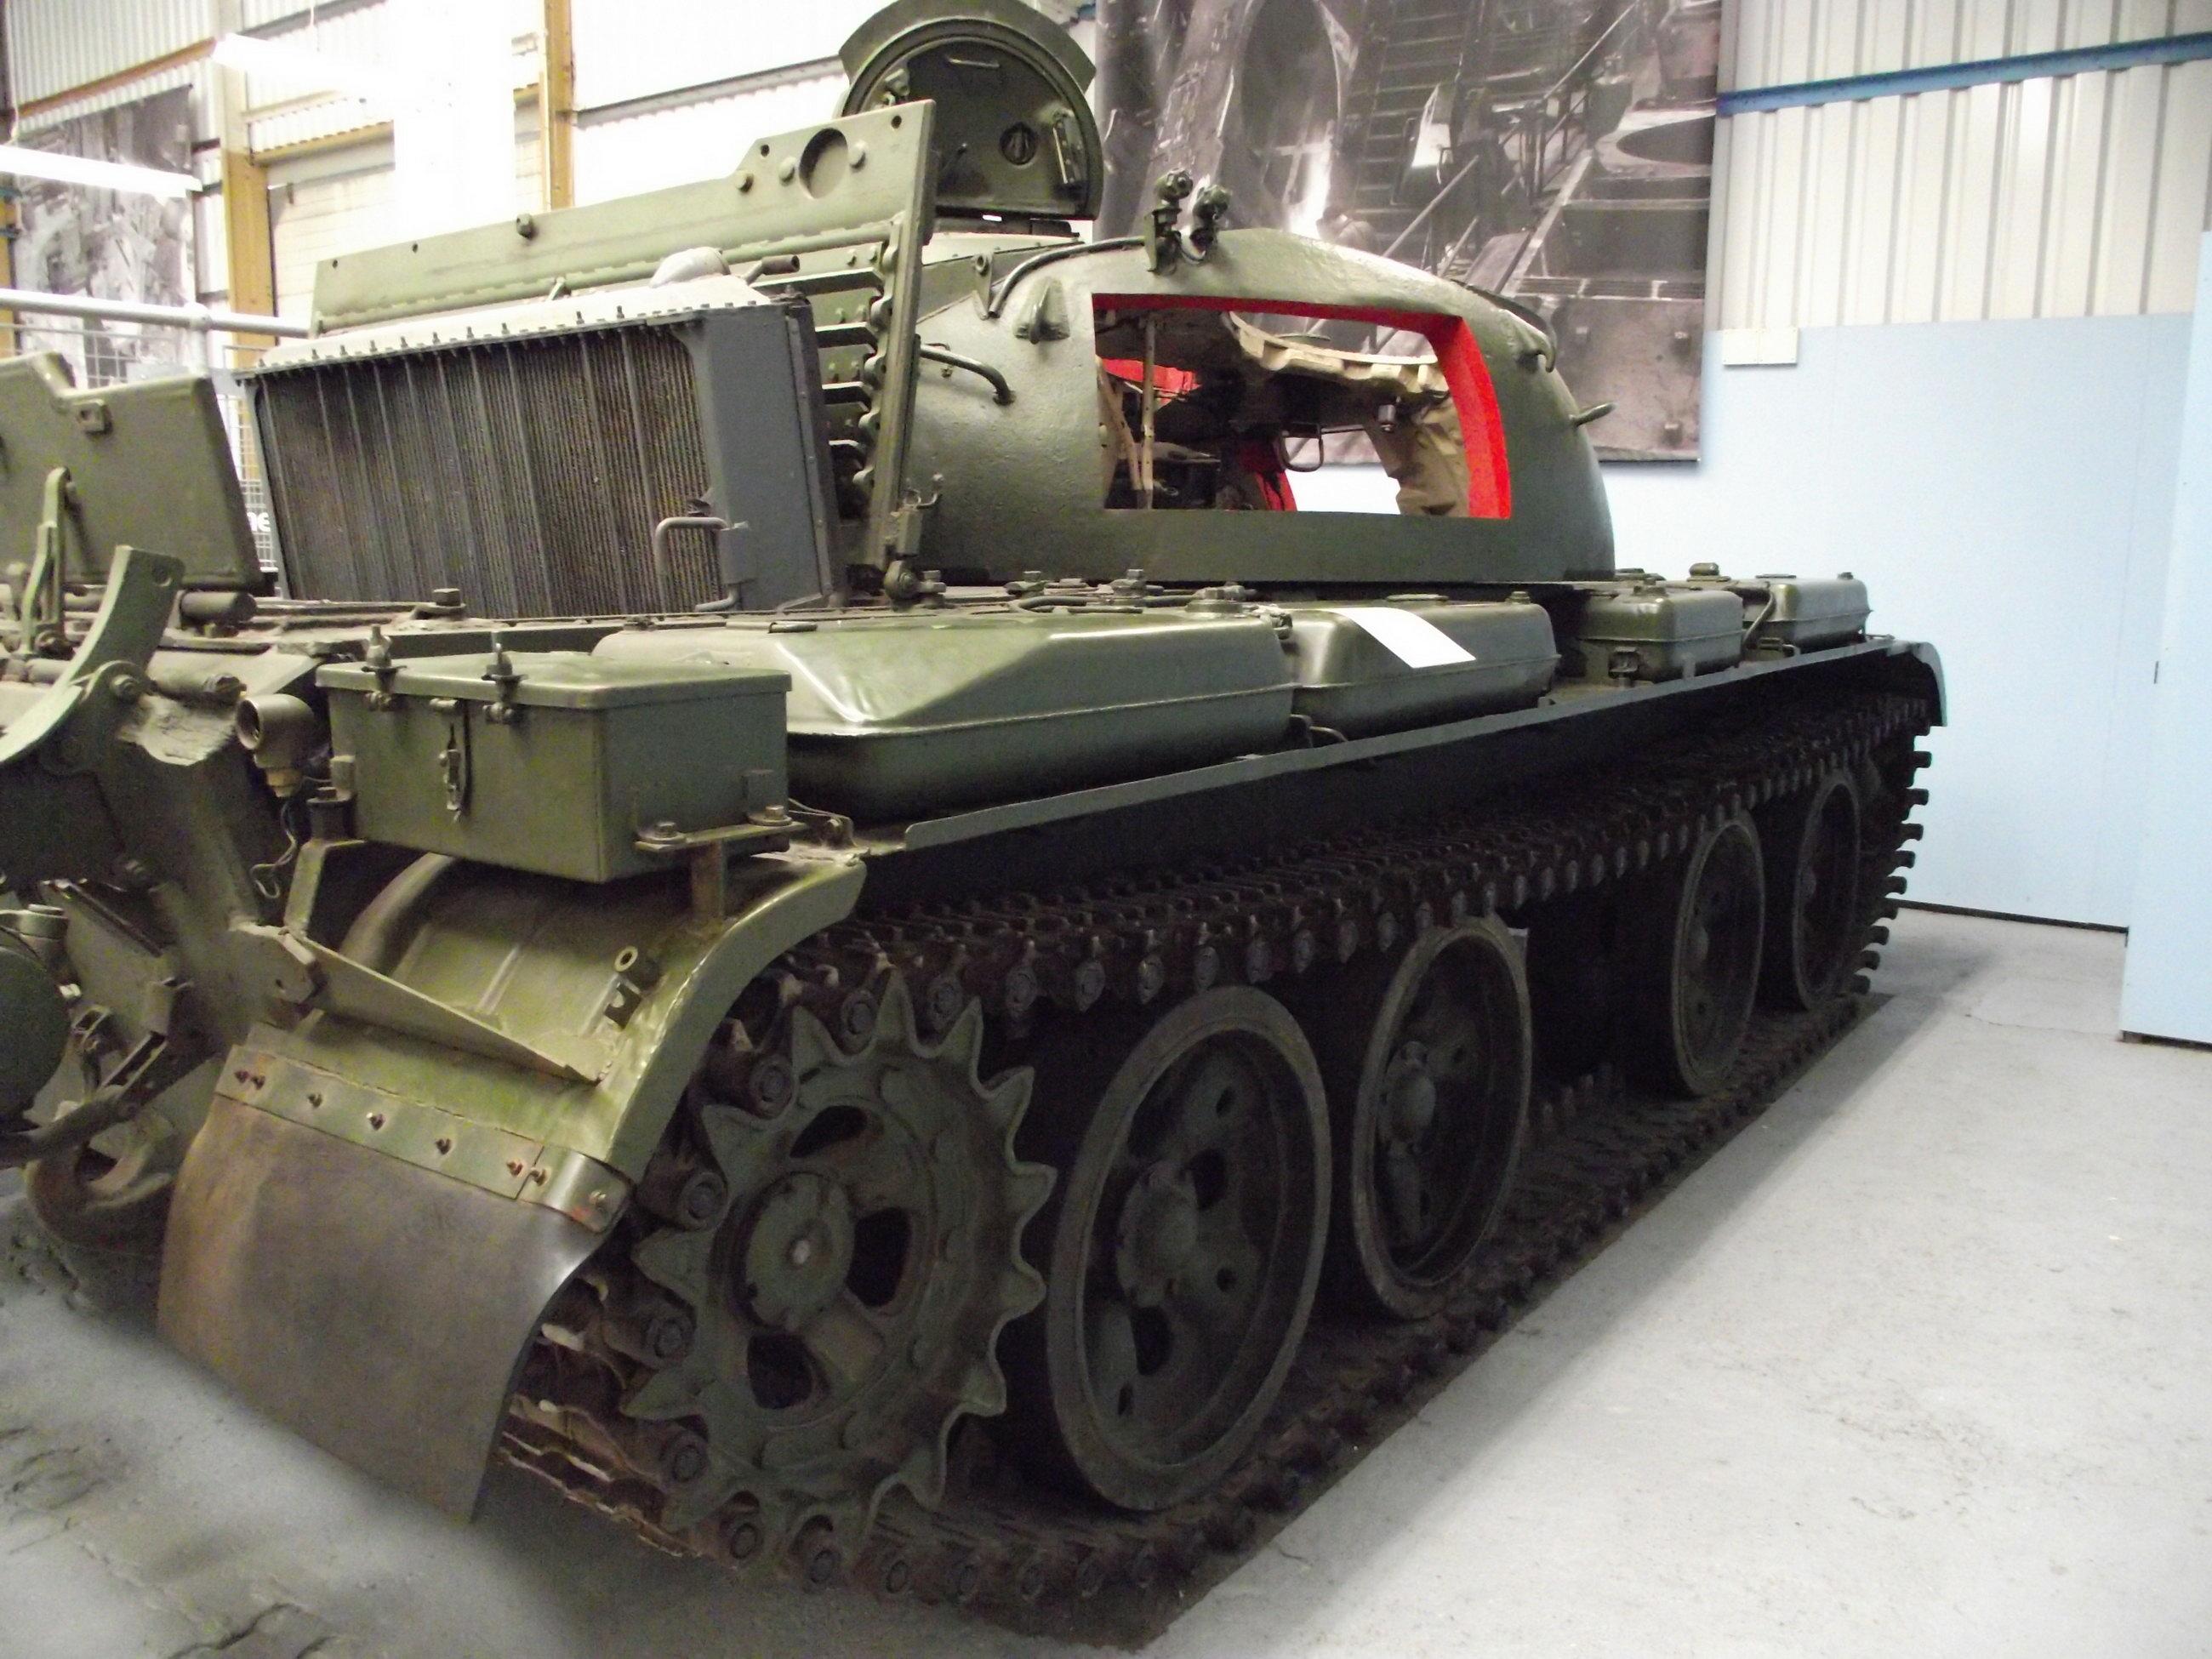 Tank_Museum_20180919_567.jpg